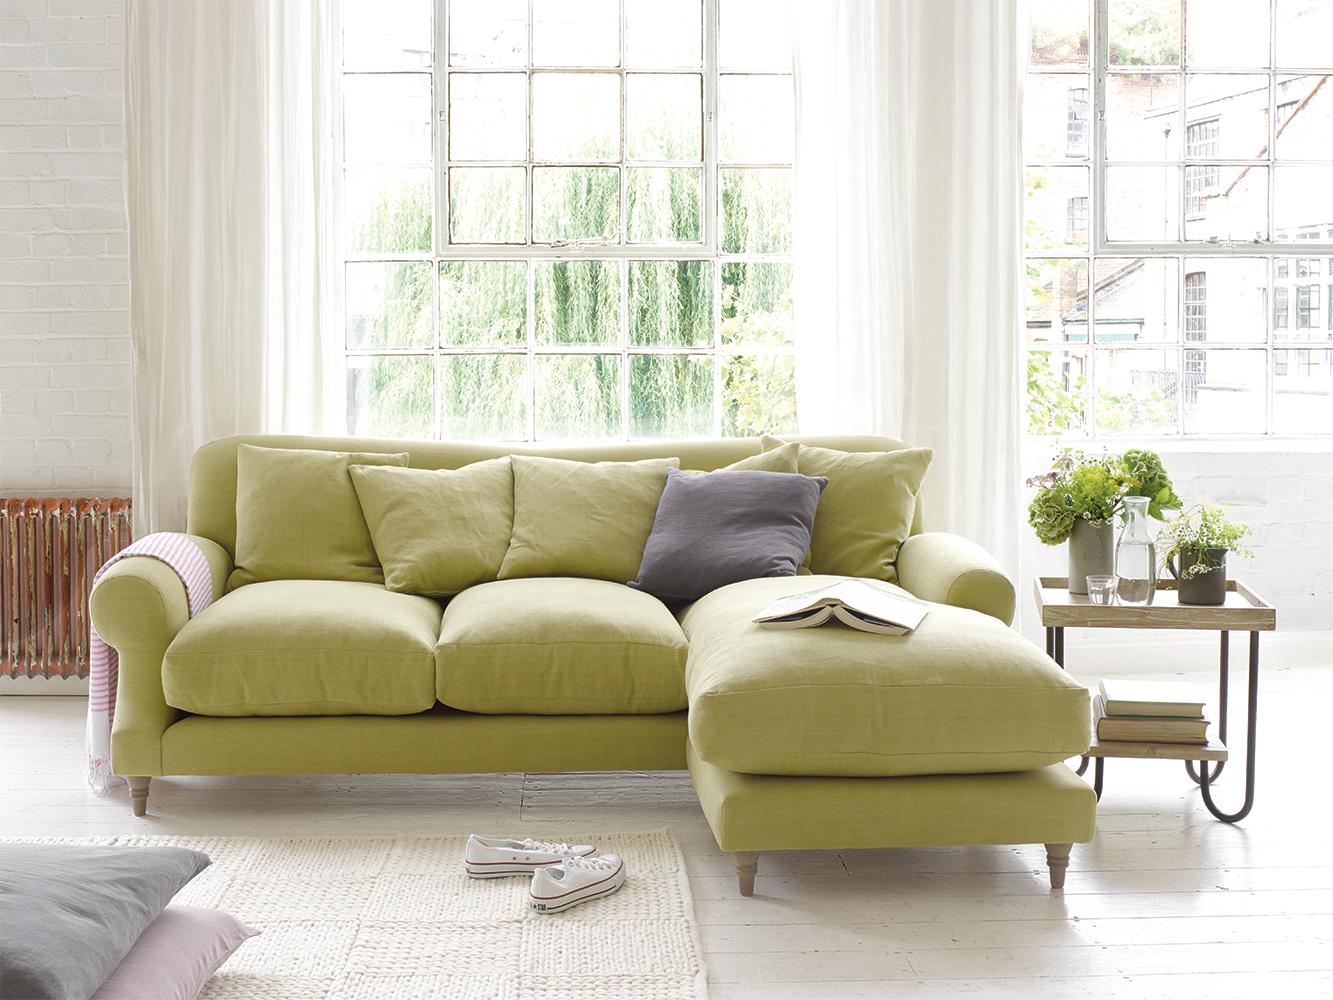 chaise sofa crumpet